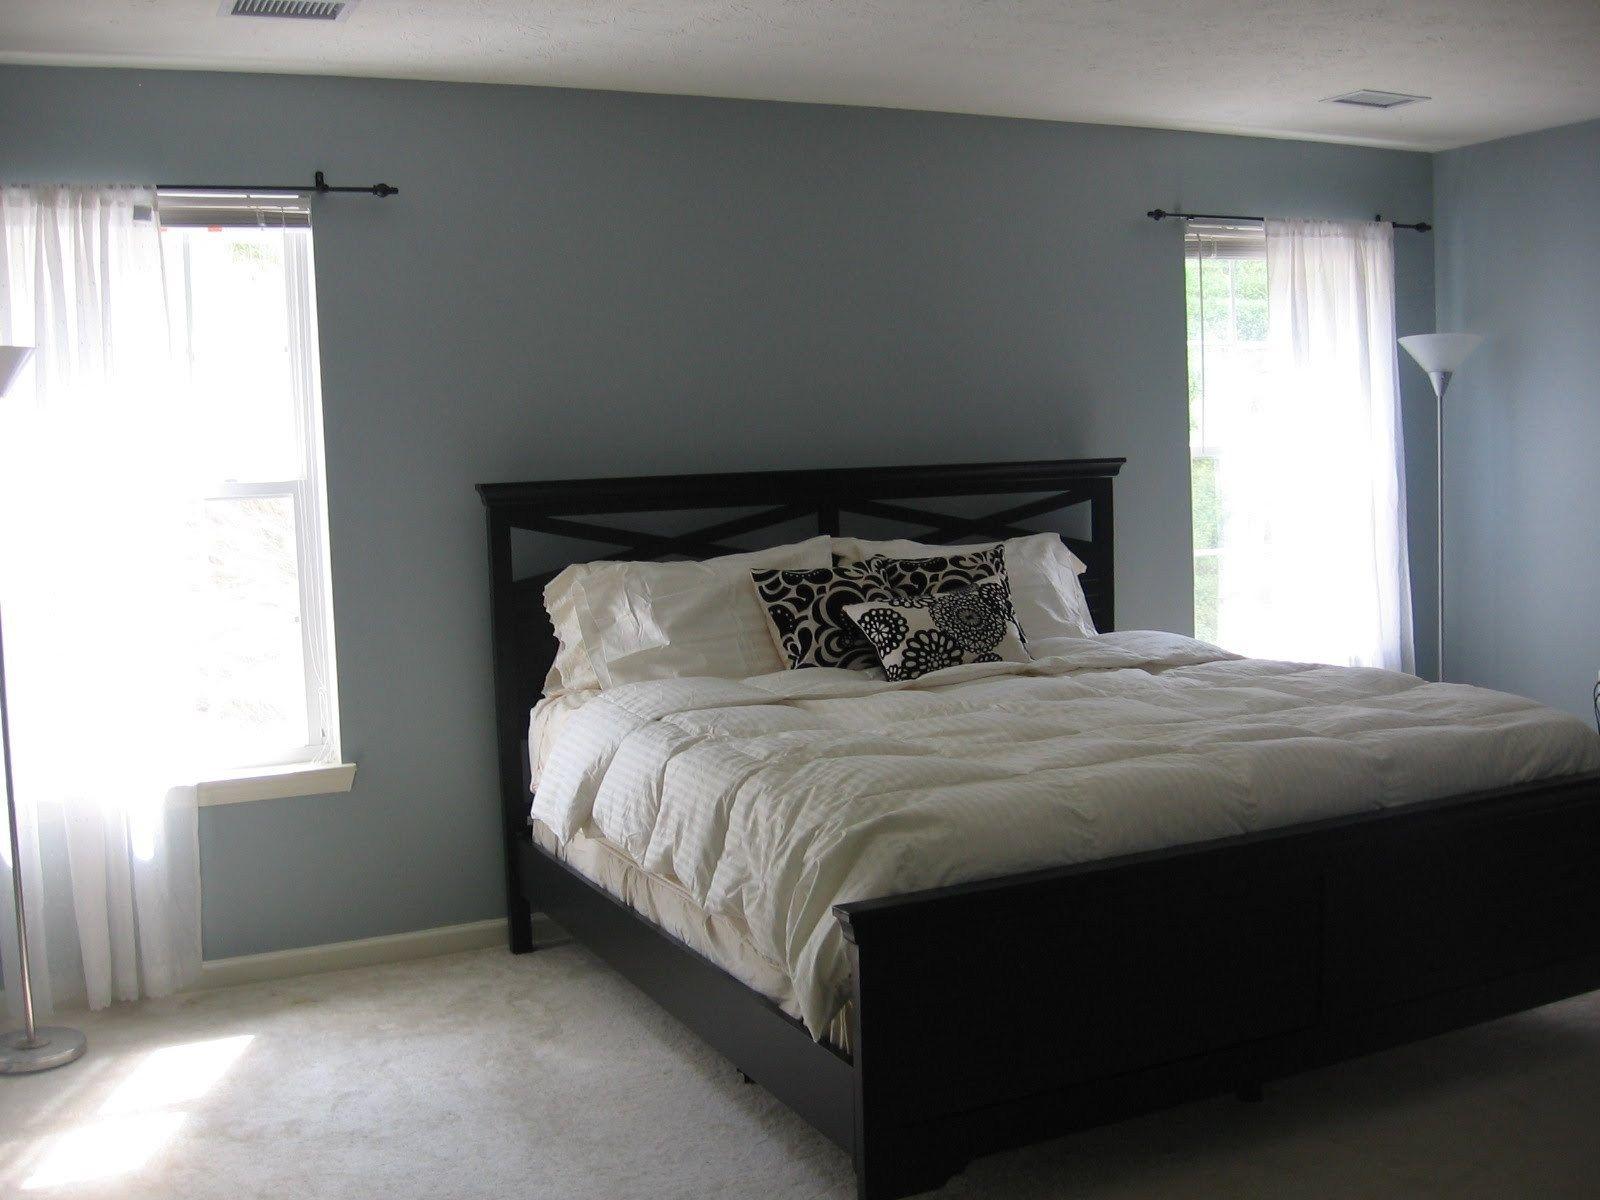 schlafzimmer farbe grau schlafzimmer rollo tapeten farben im teenager kopfkissen komplett. Black Bedroom Furniture Sets. Home Design Ideas